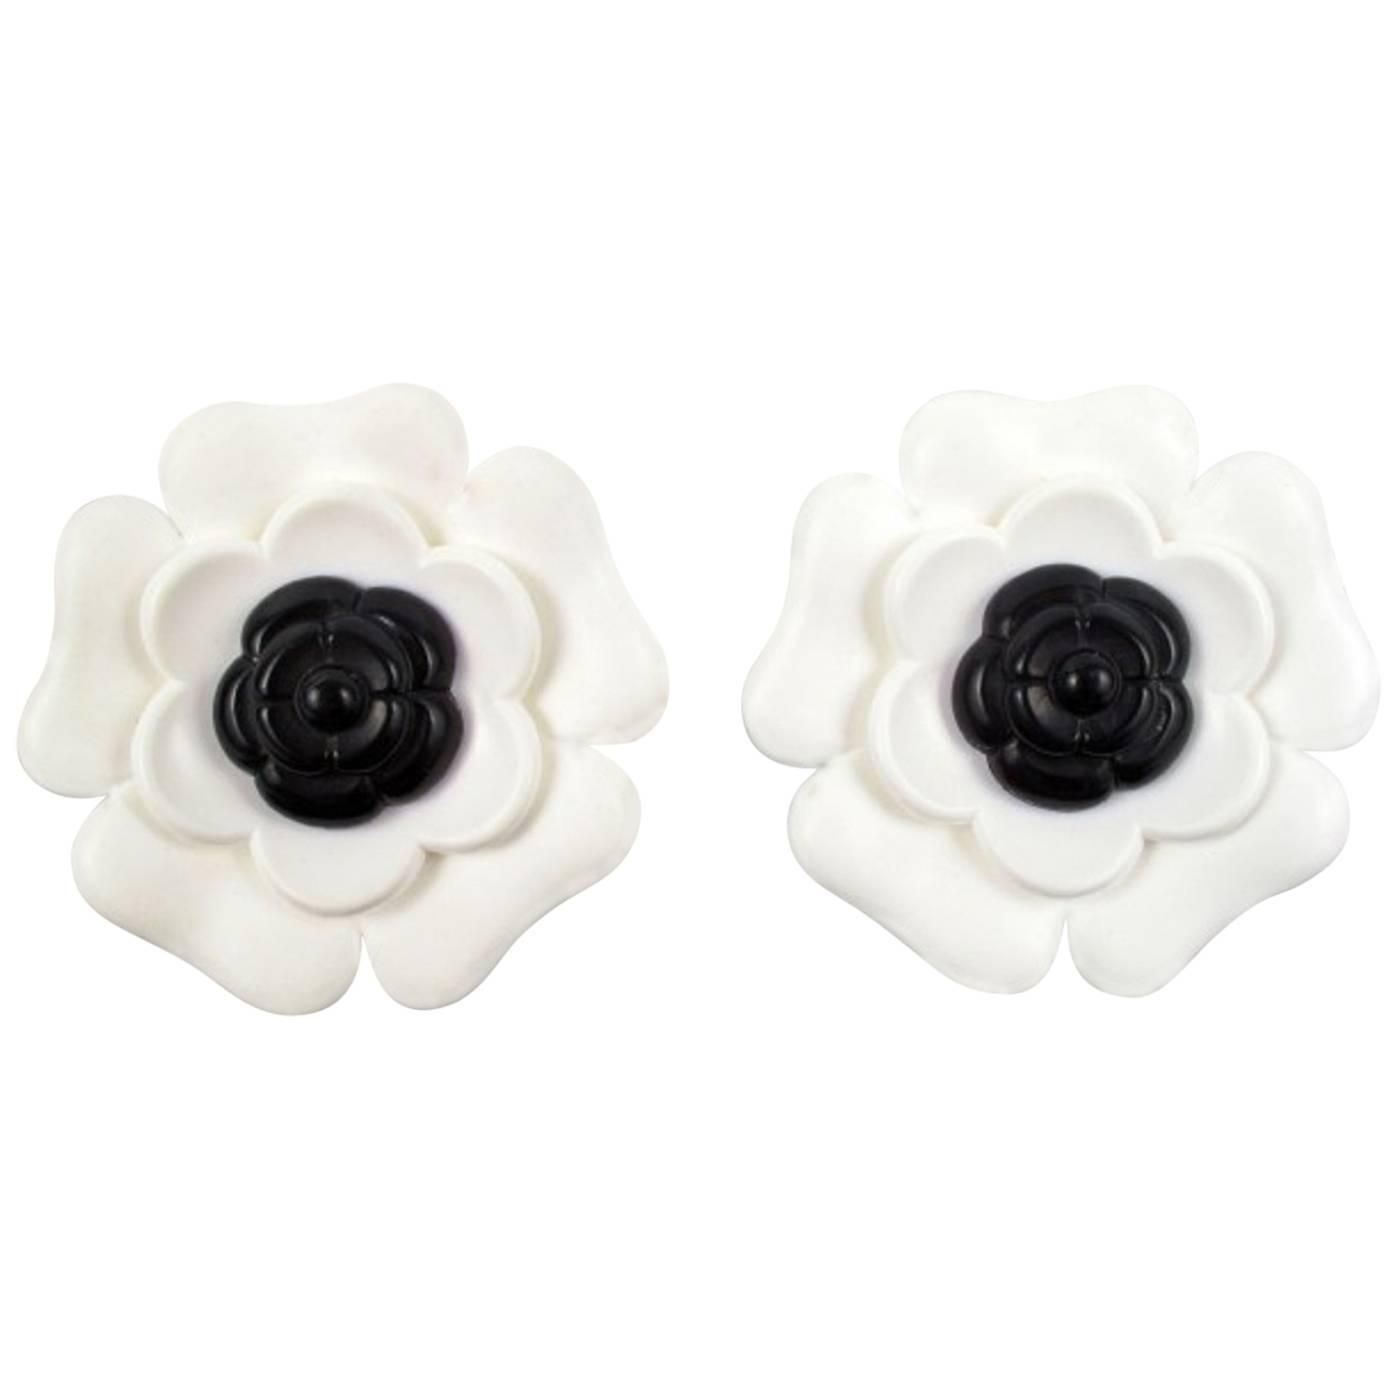 Chanel Camellia Flower Clip Earrings Chanel Camellia Flower Chanel Earrings Vintage Gold Earrings